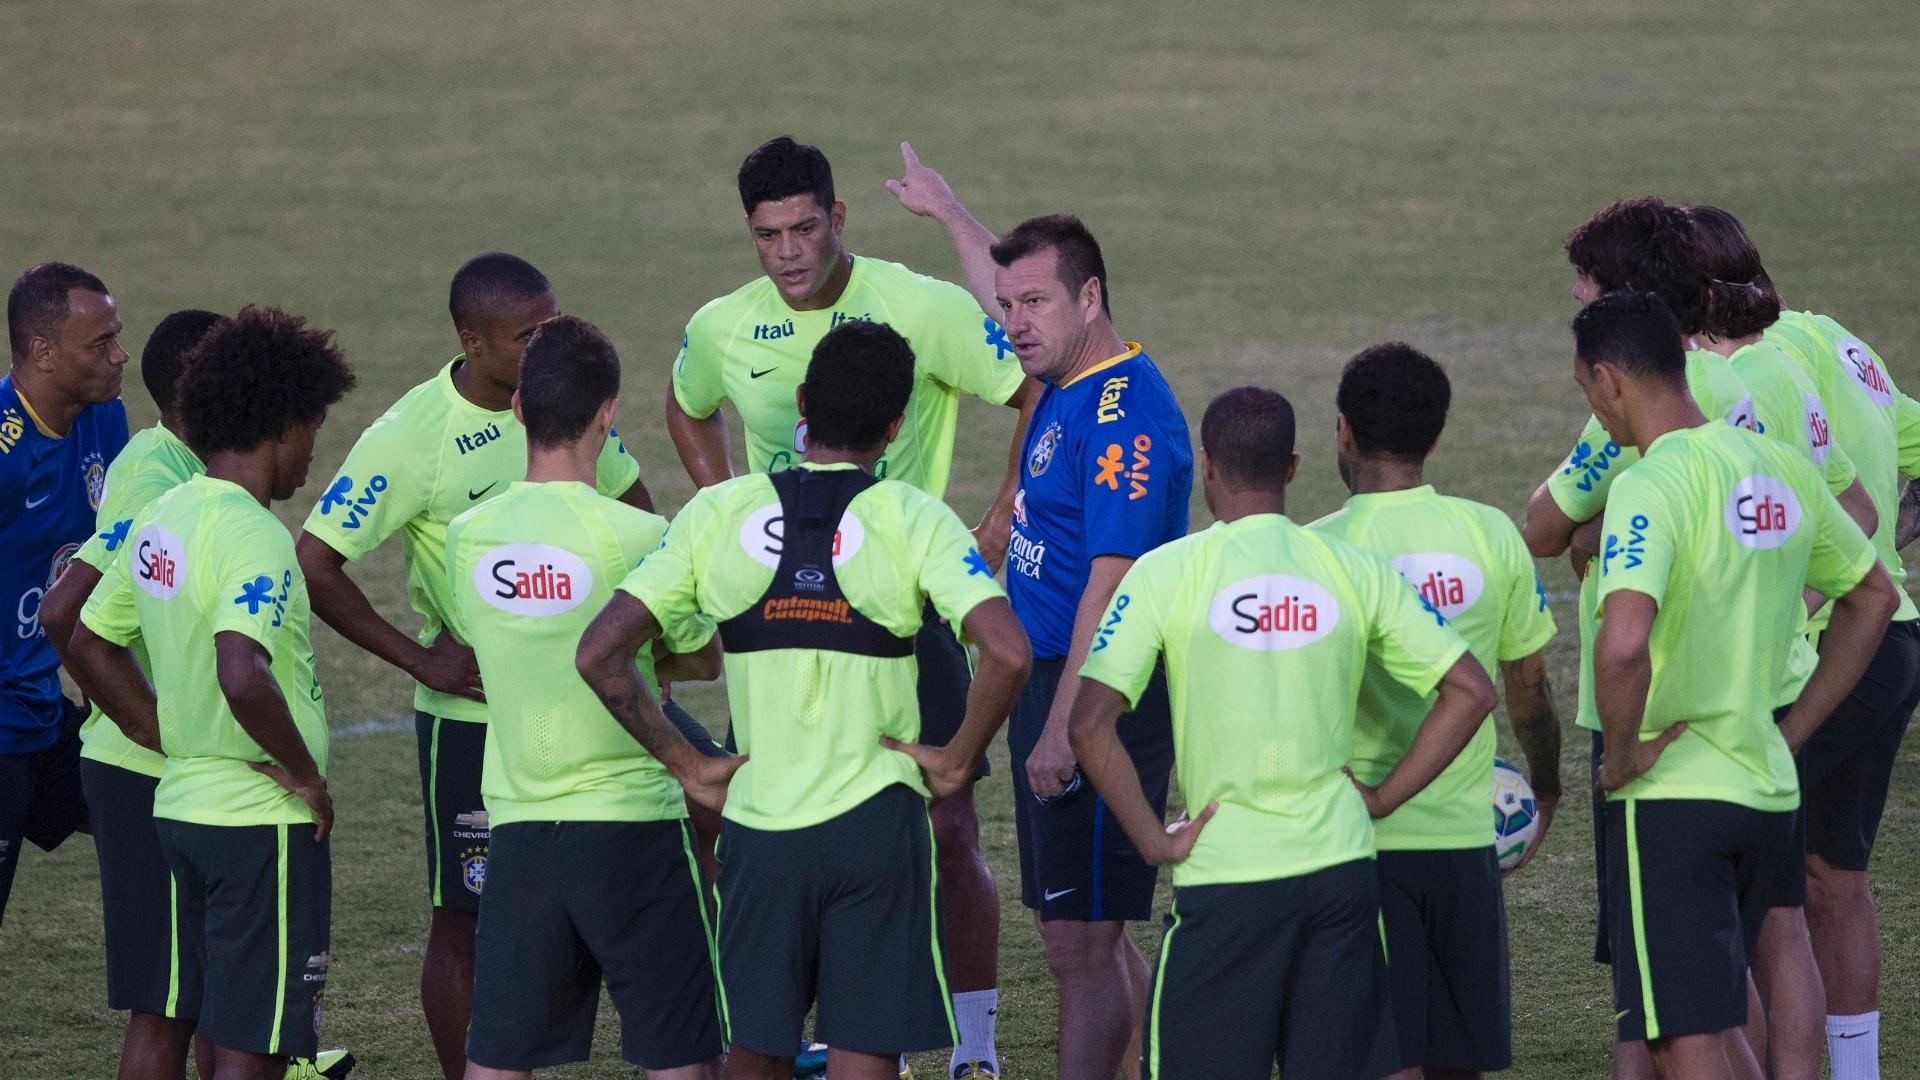 Dunga conversa com atletas durante treinamento deste sábado (10) em Fortaleza